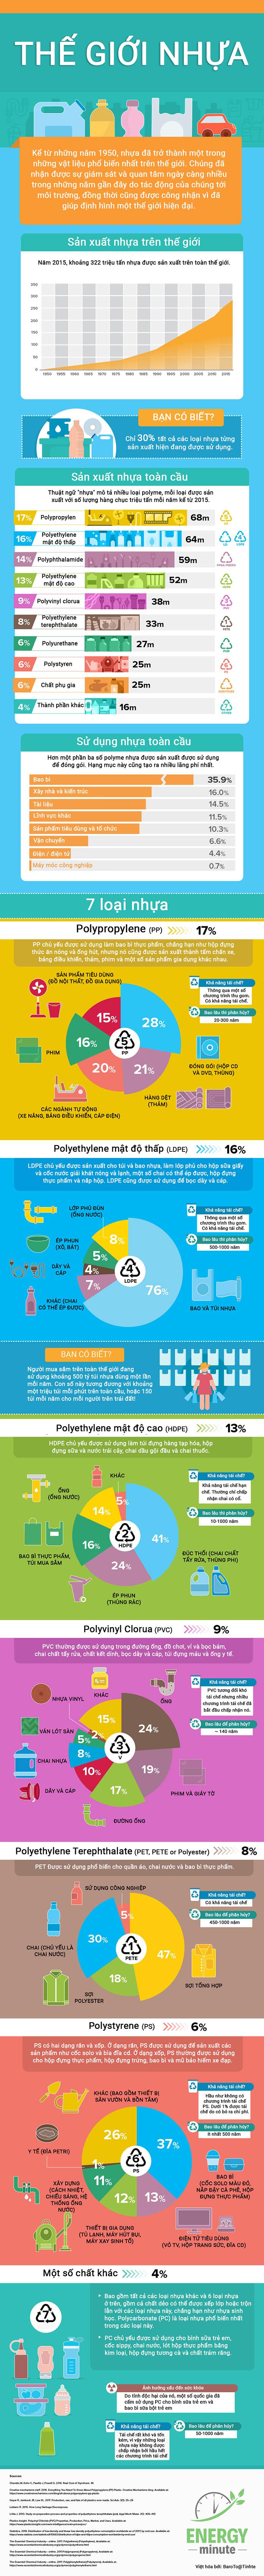 Ngày nay, việc sản xuất và tiêu thụ nhựa ngày càng tăng mạnh với nhiều chủng loại, mẫu mã do tính đa dụng. Nhựa được biết là có tuổi thọ rất